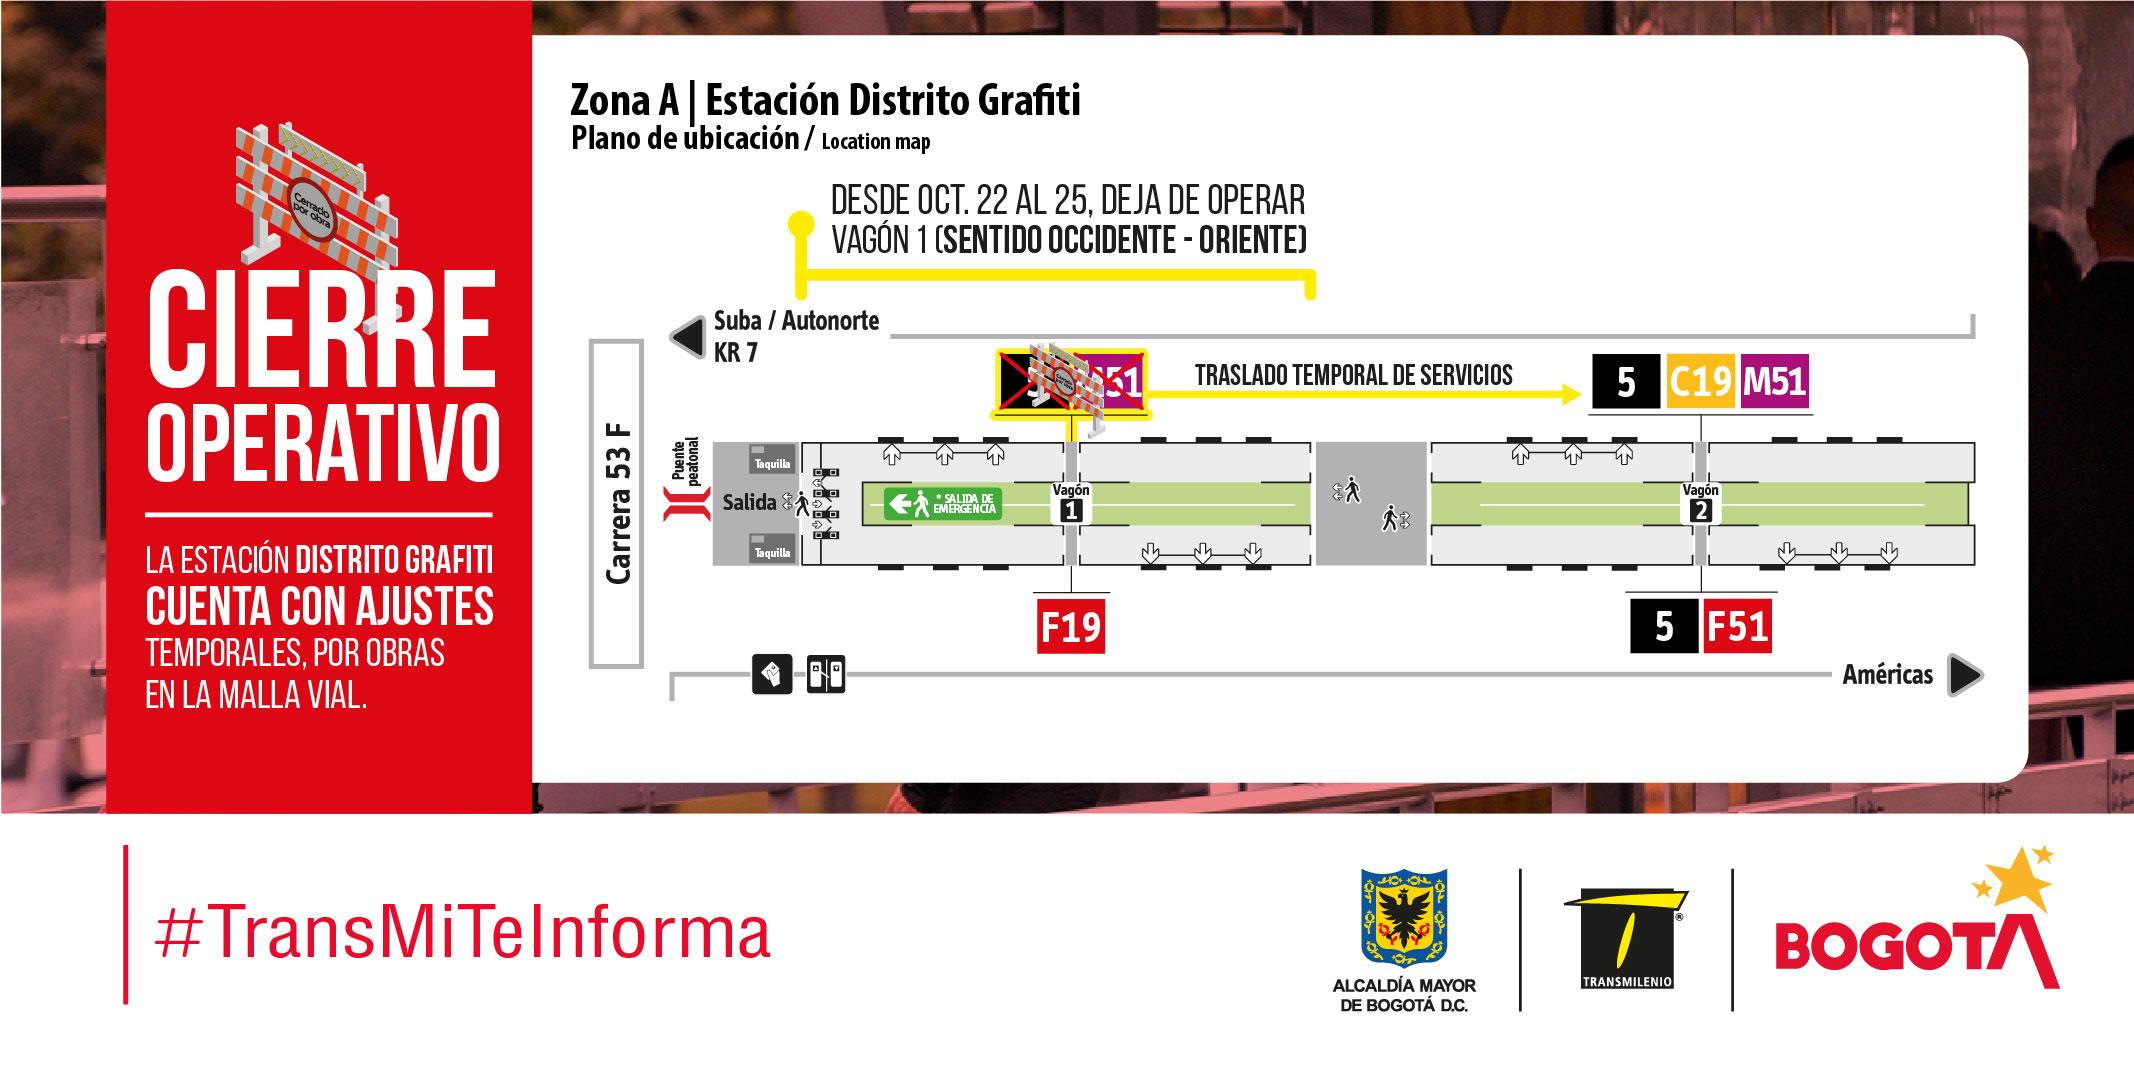 Plano de estación Distrito Grafiti, cierre temporal vagón 1 sentido occidente – oriente